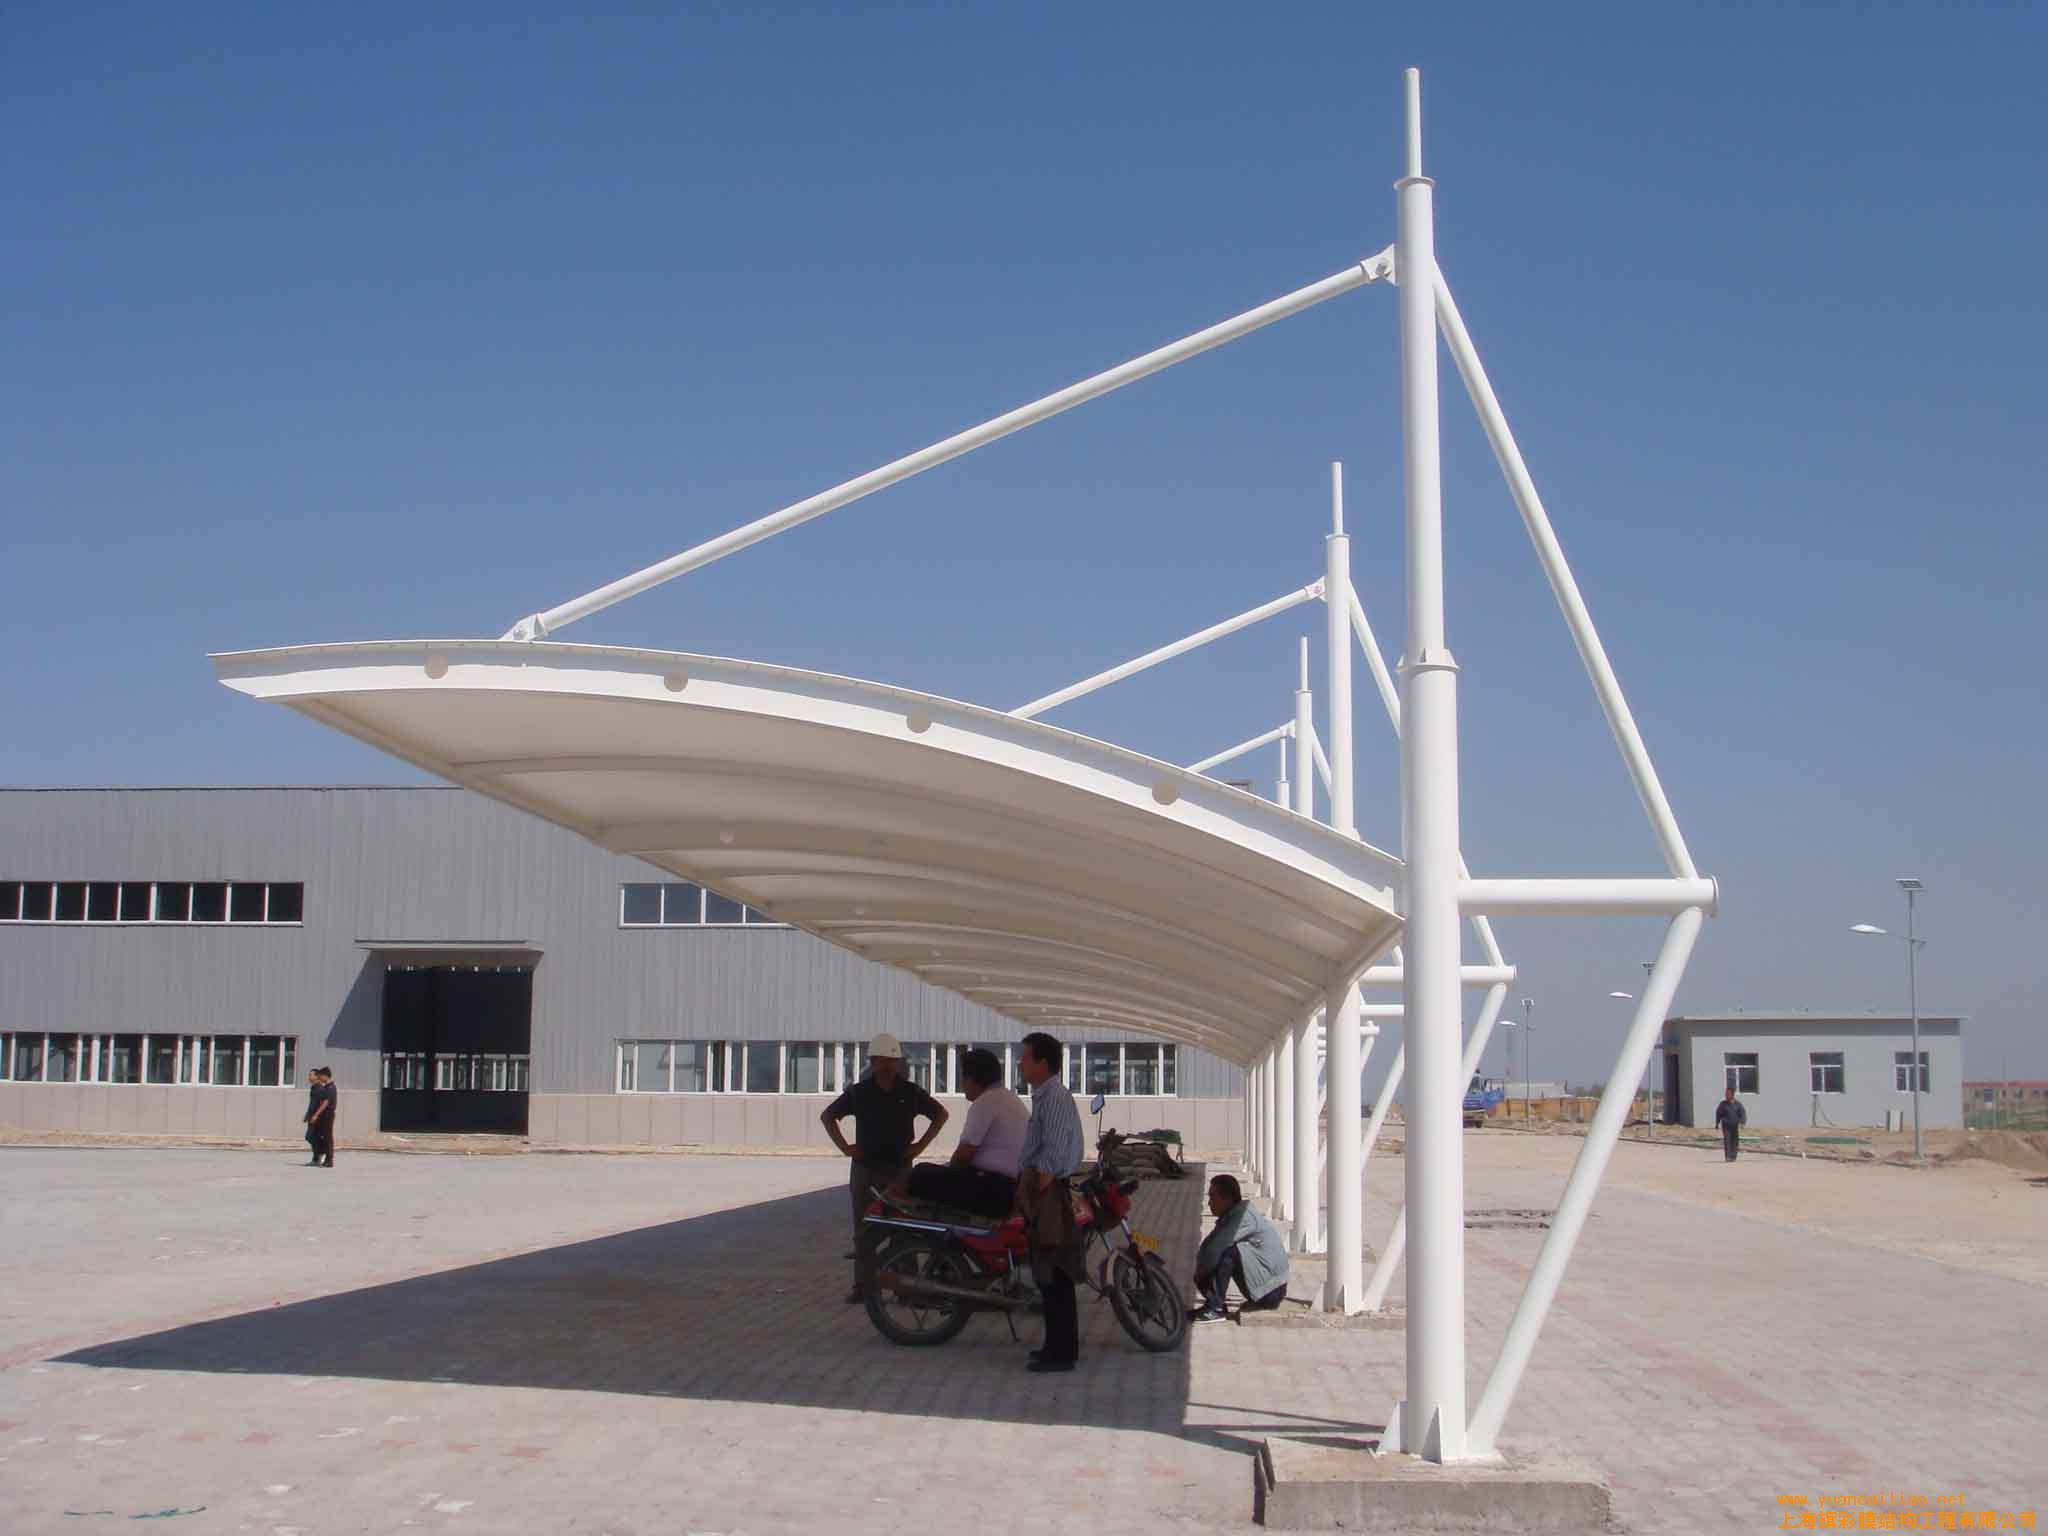 膜结构建筑是21世纪最具代表性与充满前途的建筑